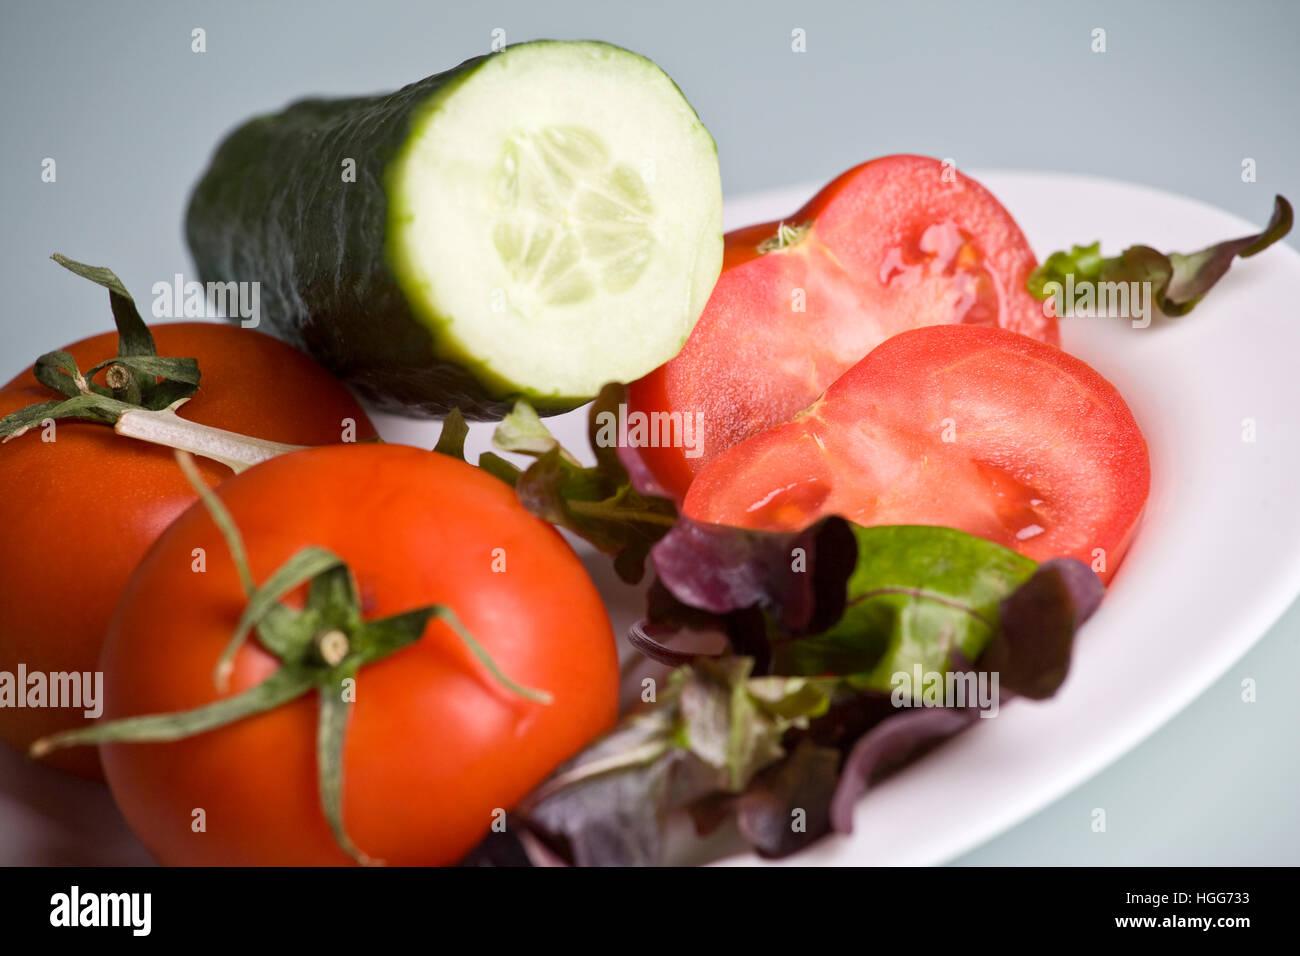 Ensalada de tomate y pepino Imagen De Stock